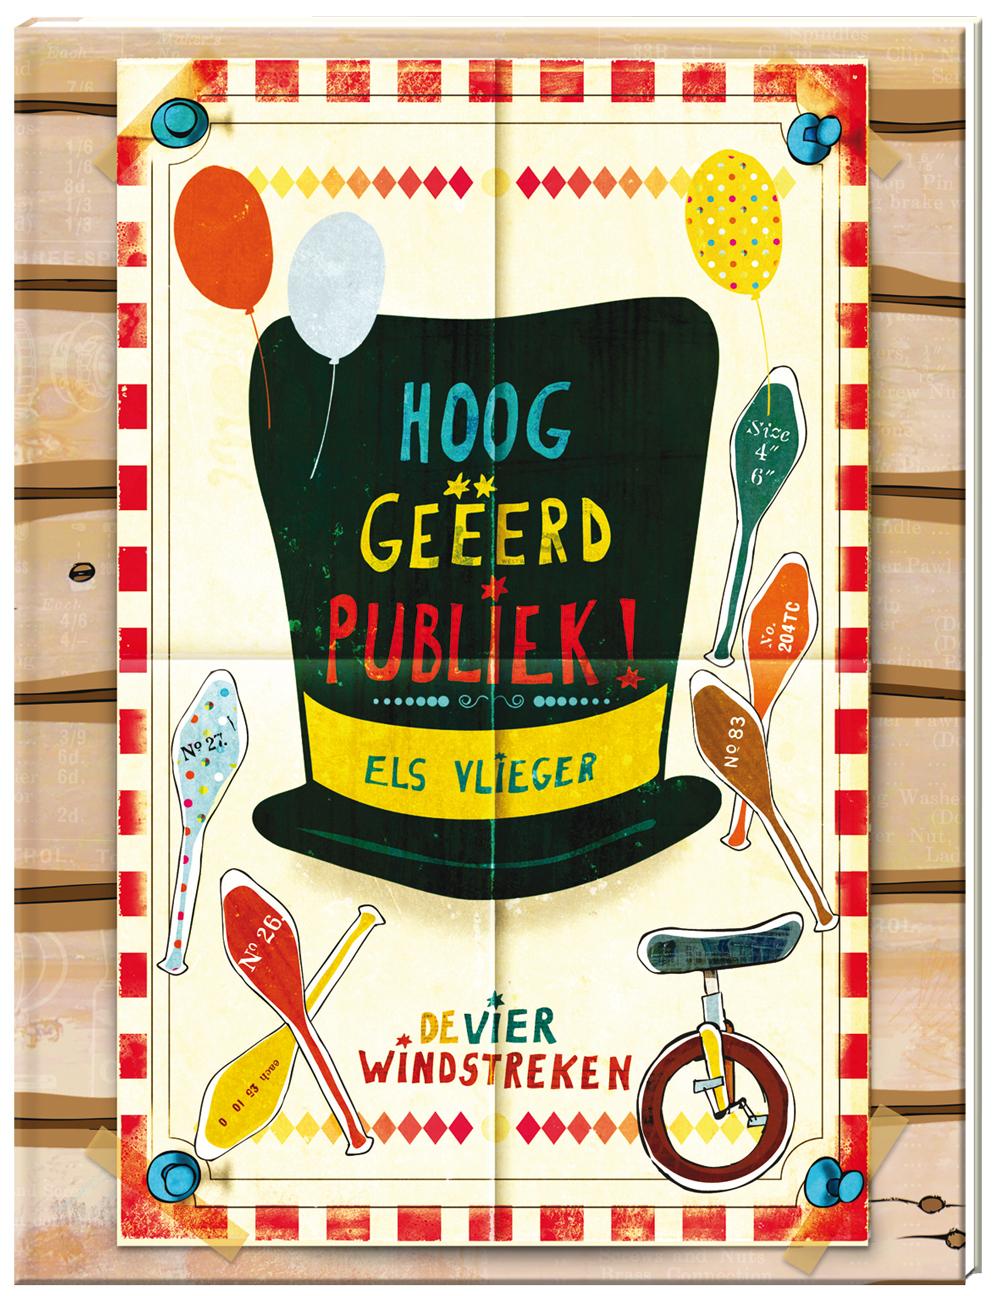 Telboek, Hooggeëerd publiek!